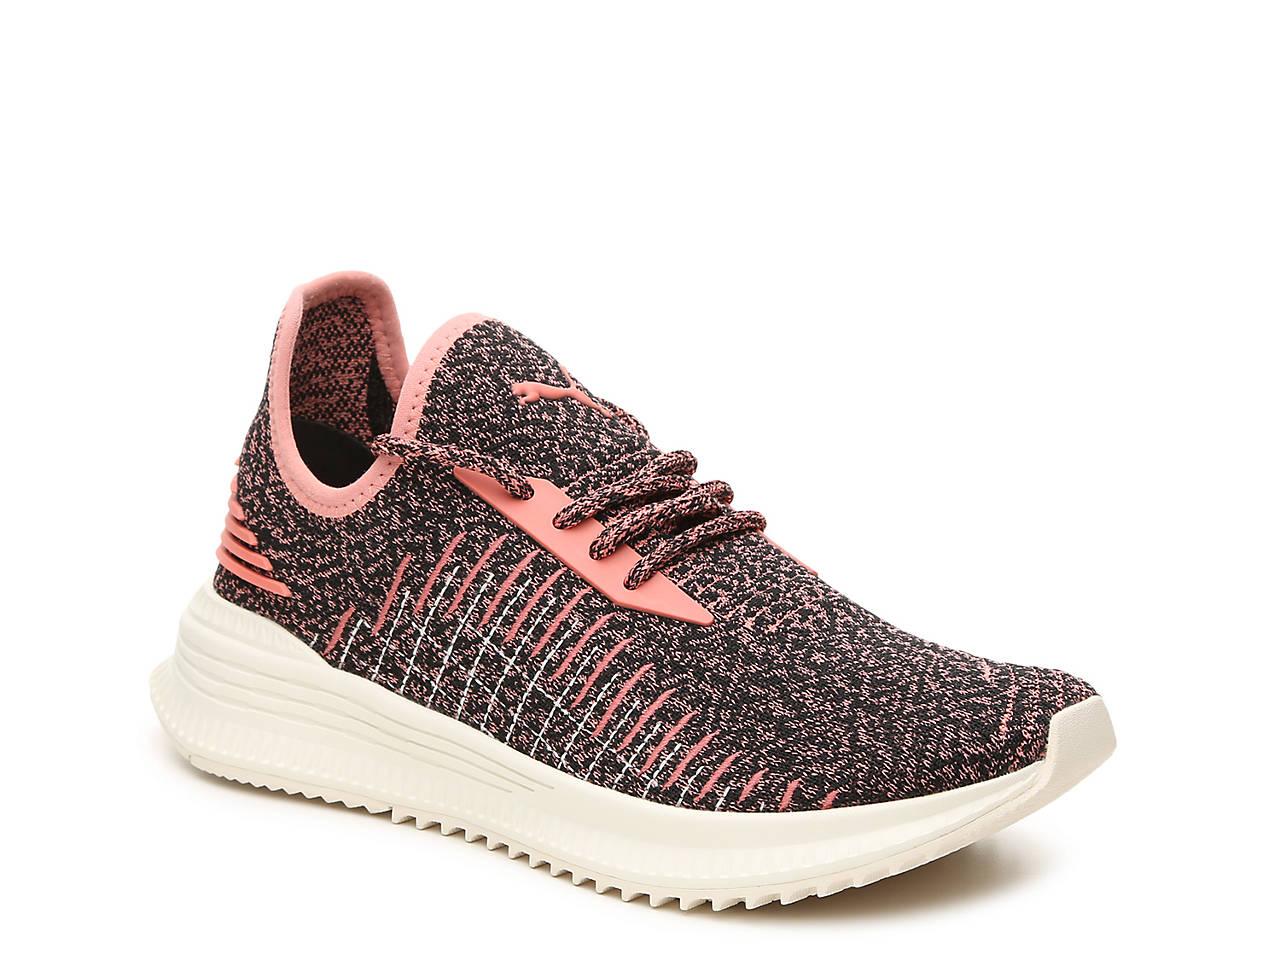 a109195f88f9 Puma Avid Training Shoe - Women s Women s Shoes